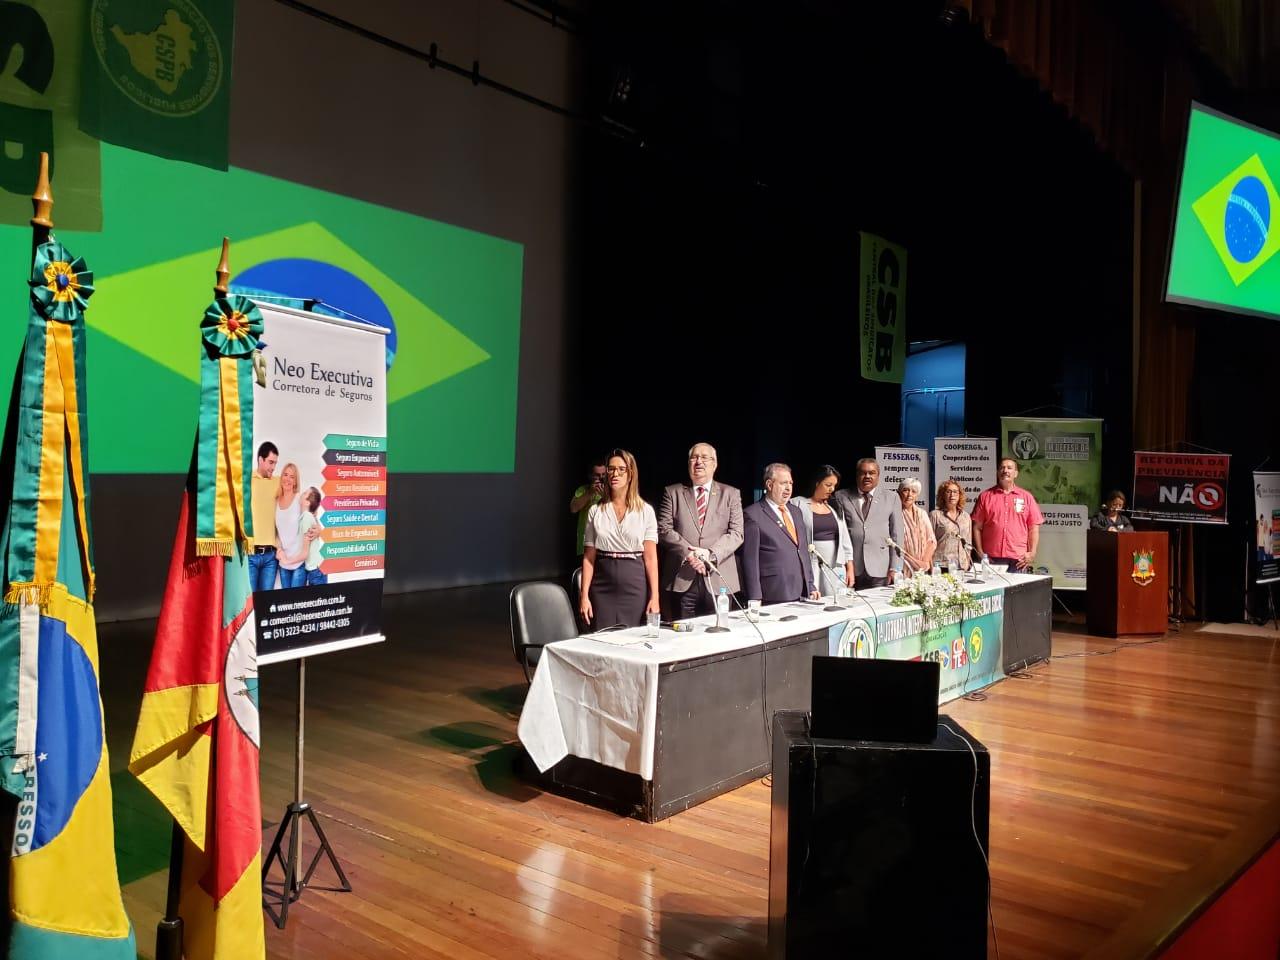 Jornada internacional constrói base de luta pela Previdência Social em Porto Alegre